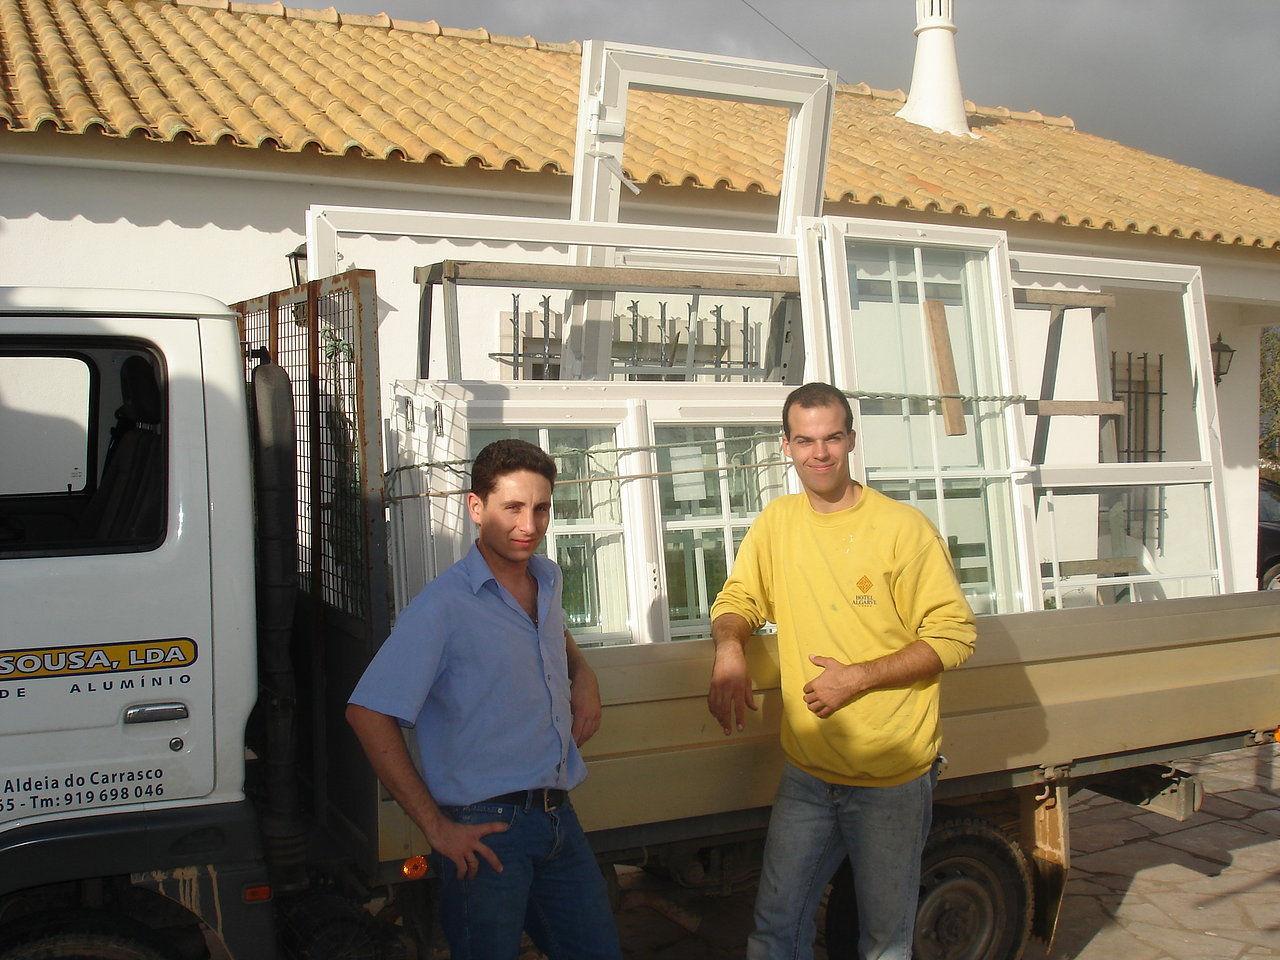 #B0891B Silvestre e Sousa Fábrica Portas Janelas PVC Alumínio Isolamento  724 Janelas Vidro Duplo Preços Lisboa